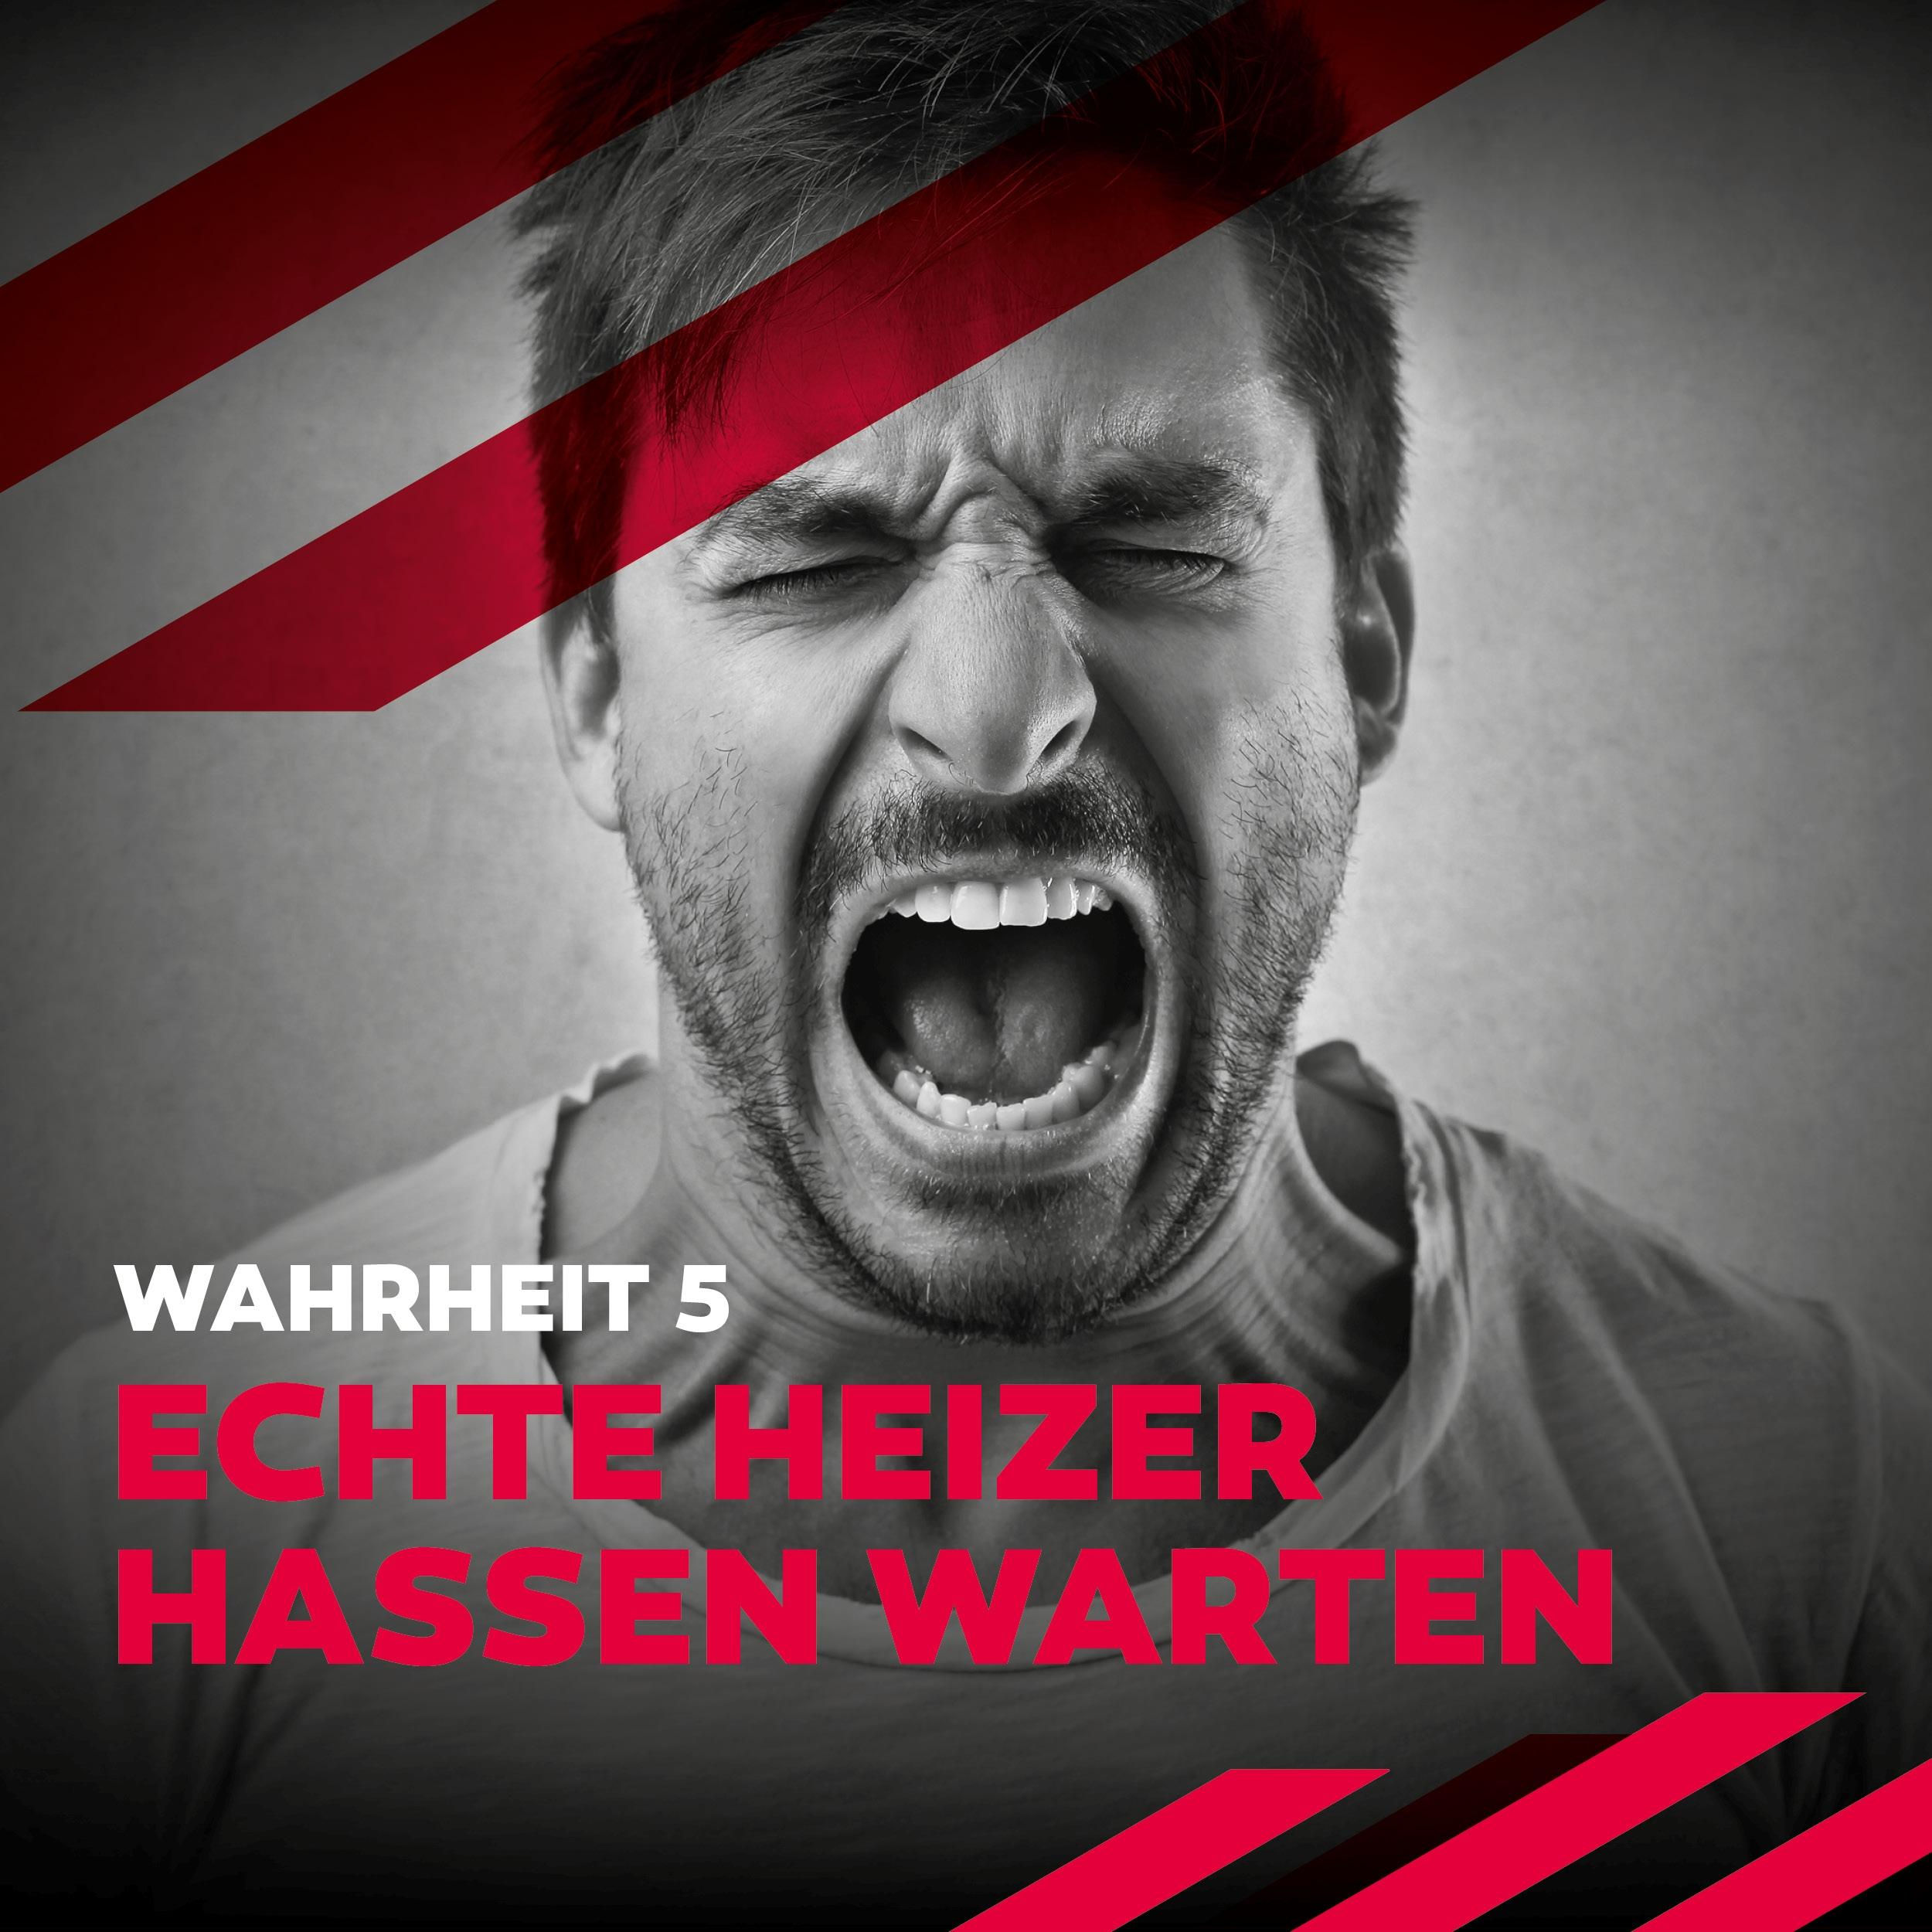 Speer Racing: Echte Heizer hassen warten